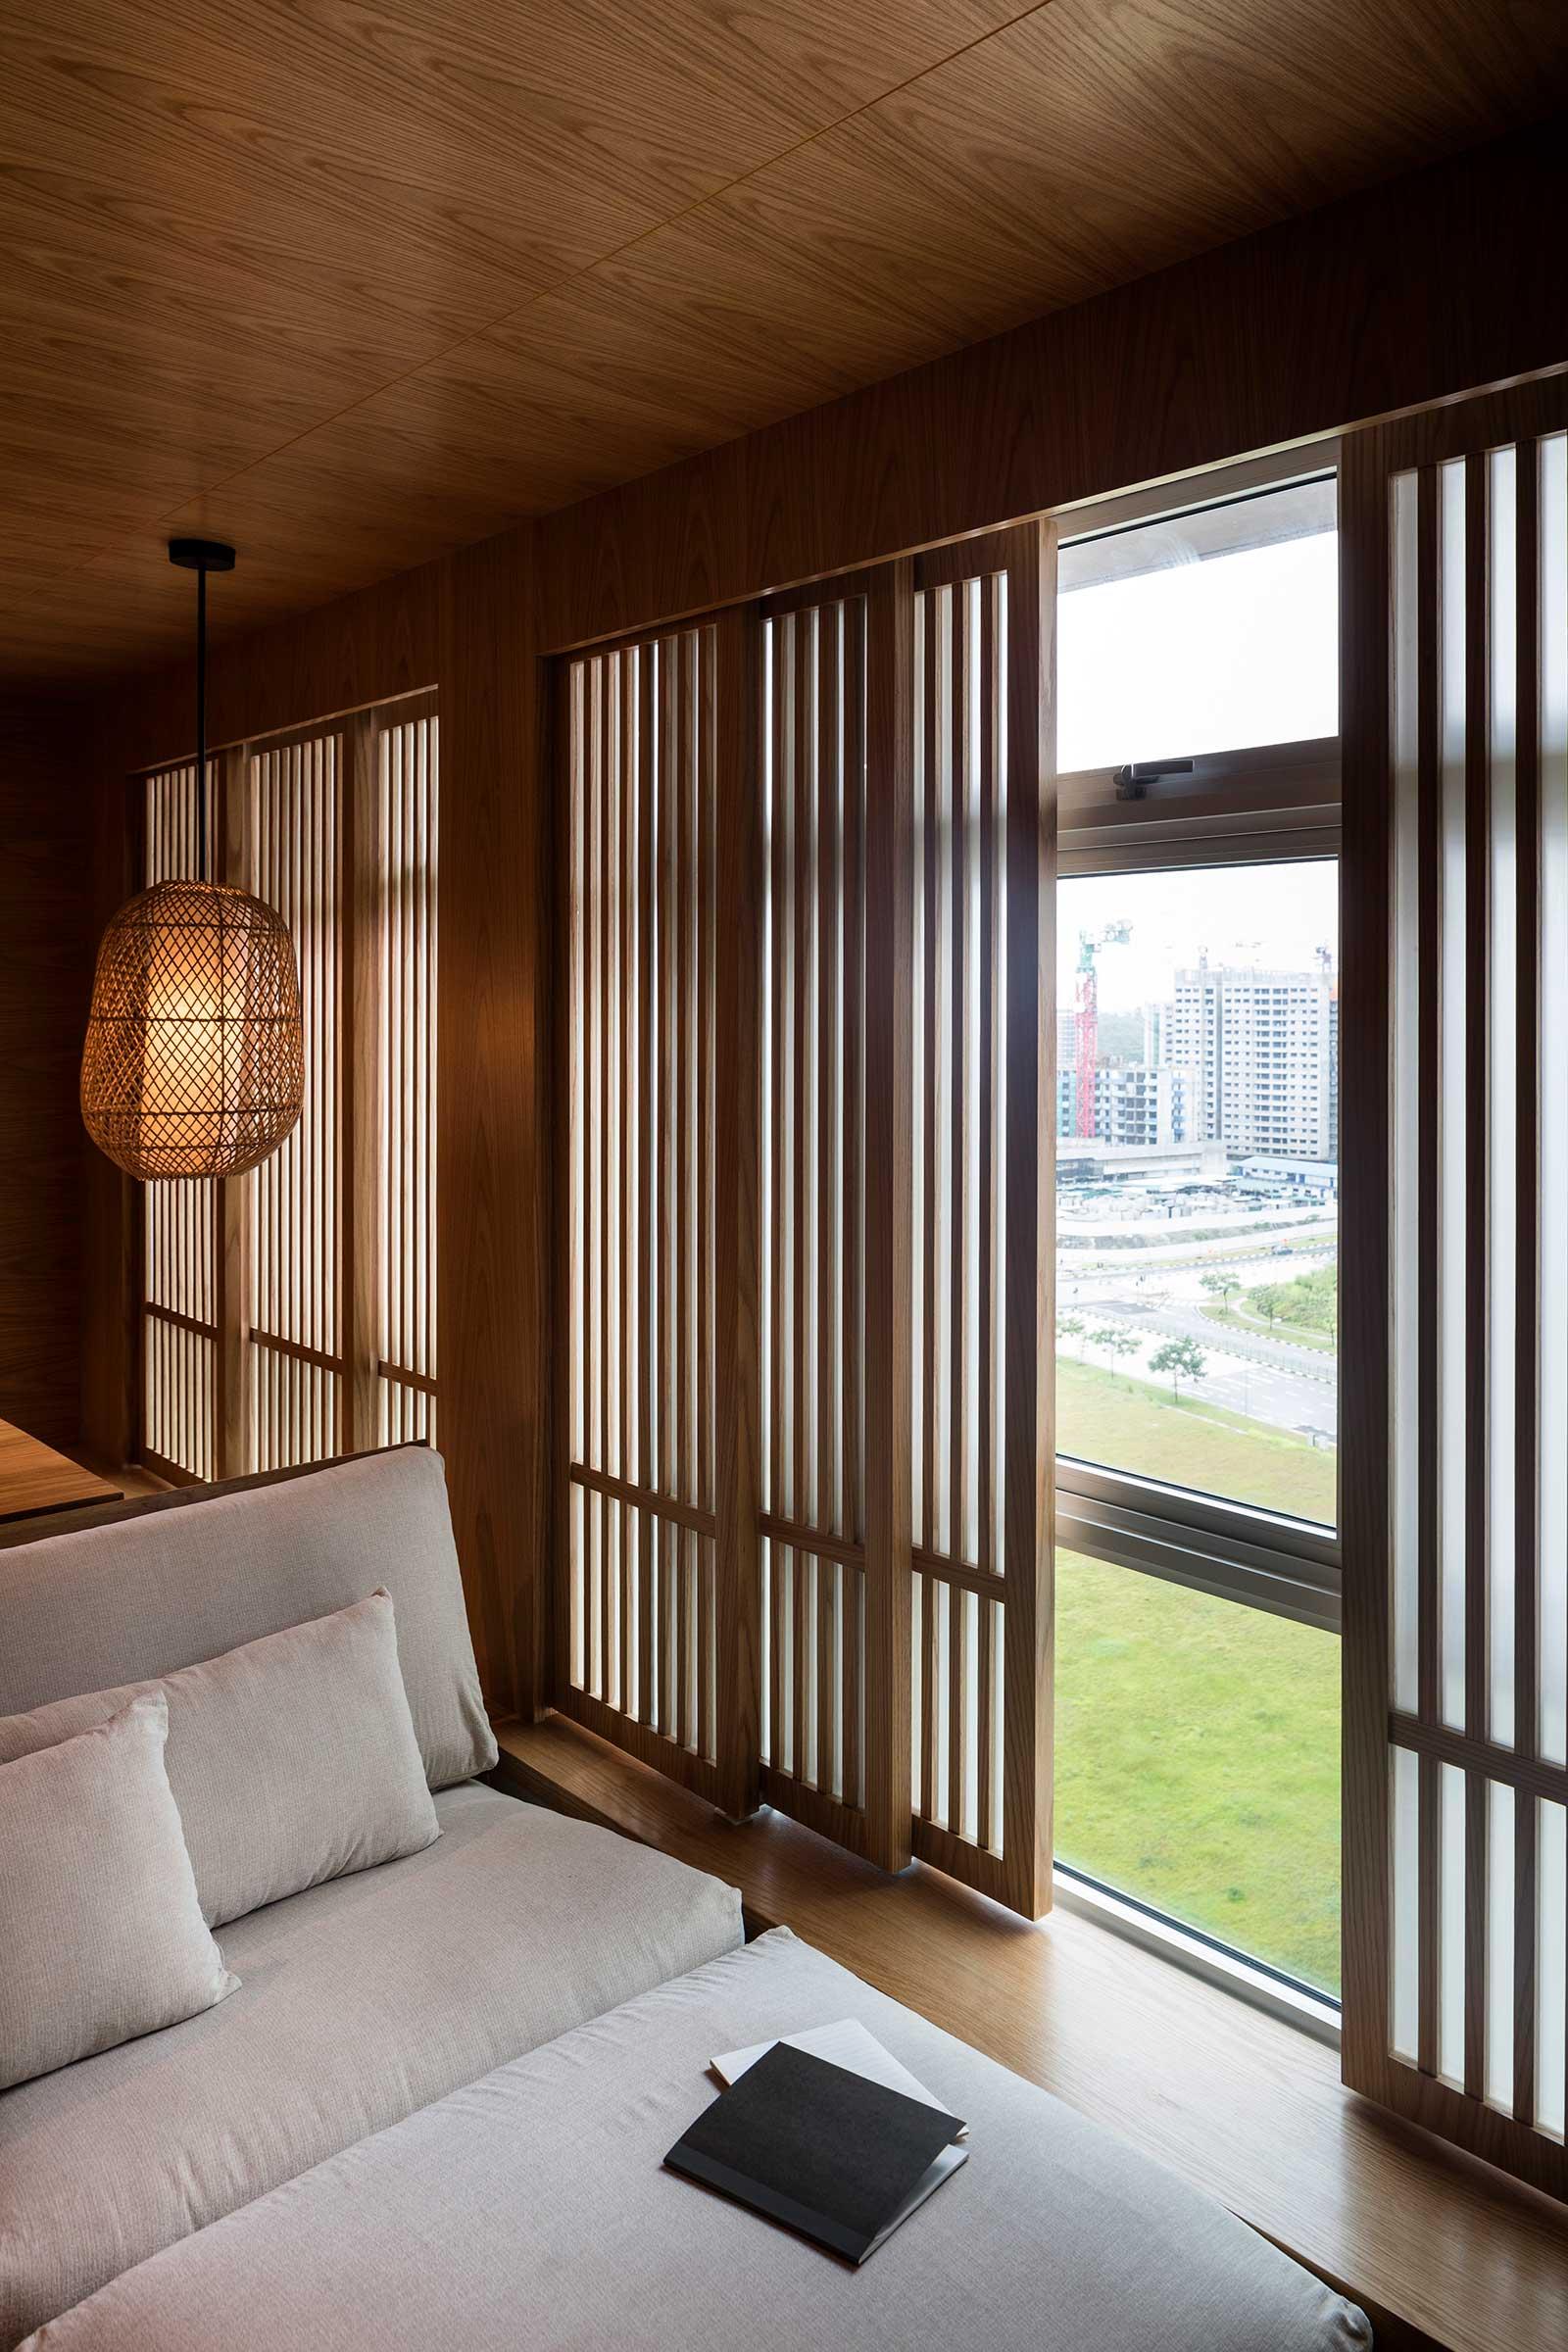 Bukit-Batok-West-Ave-6_Goy-Architects_49.jpg